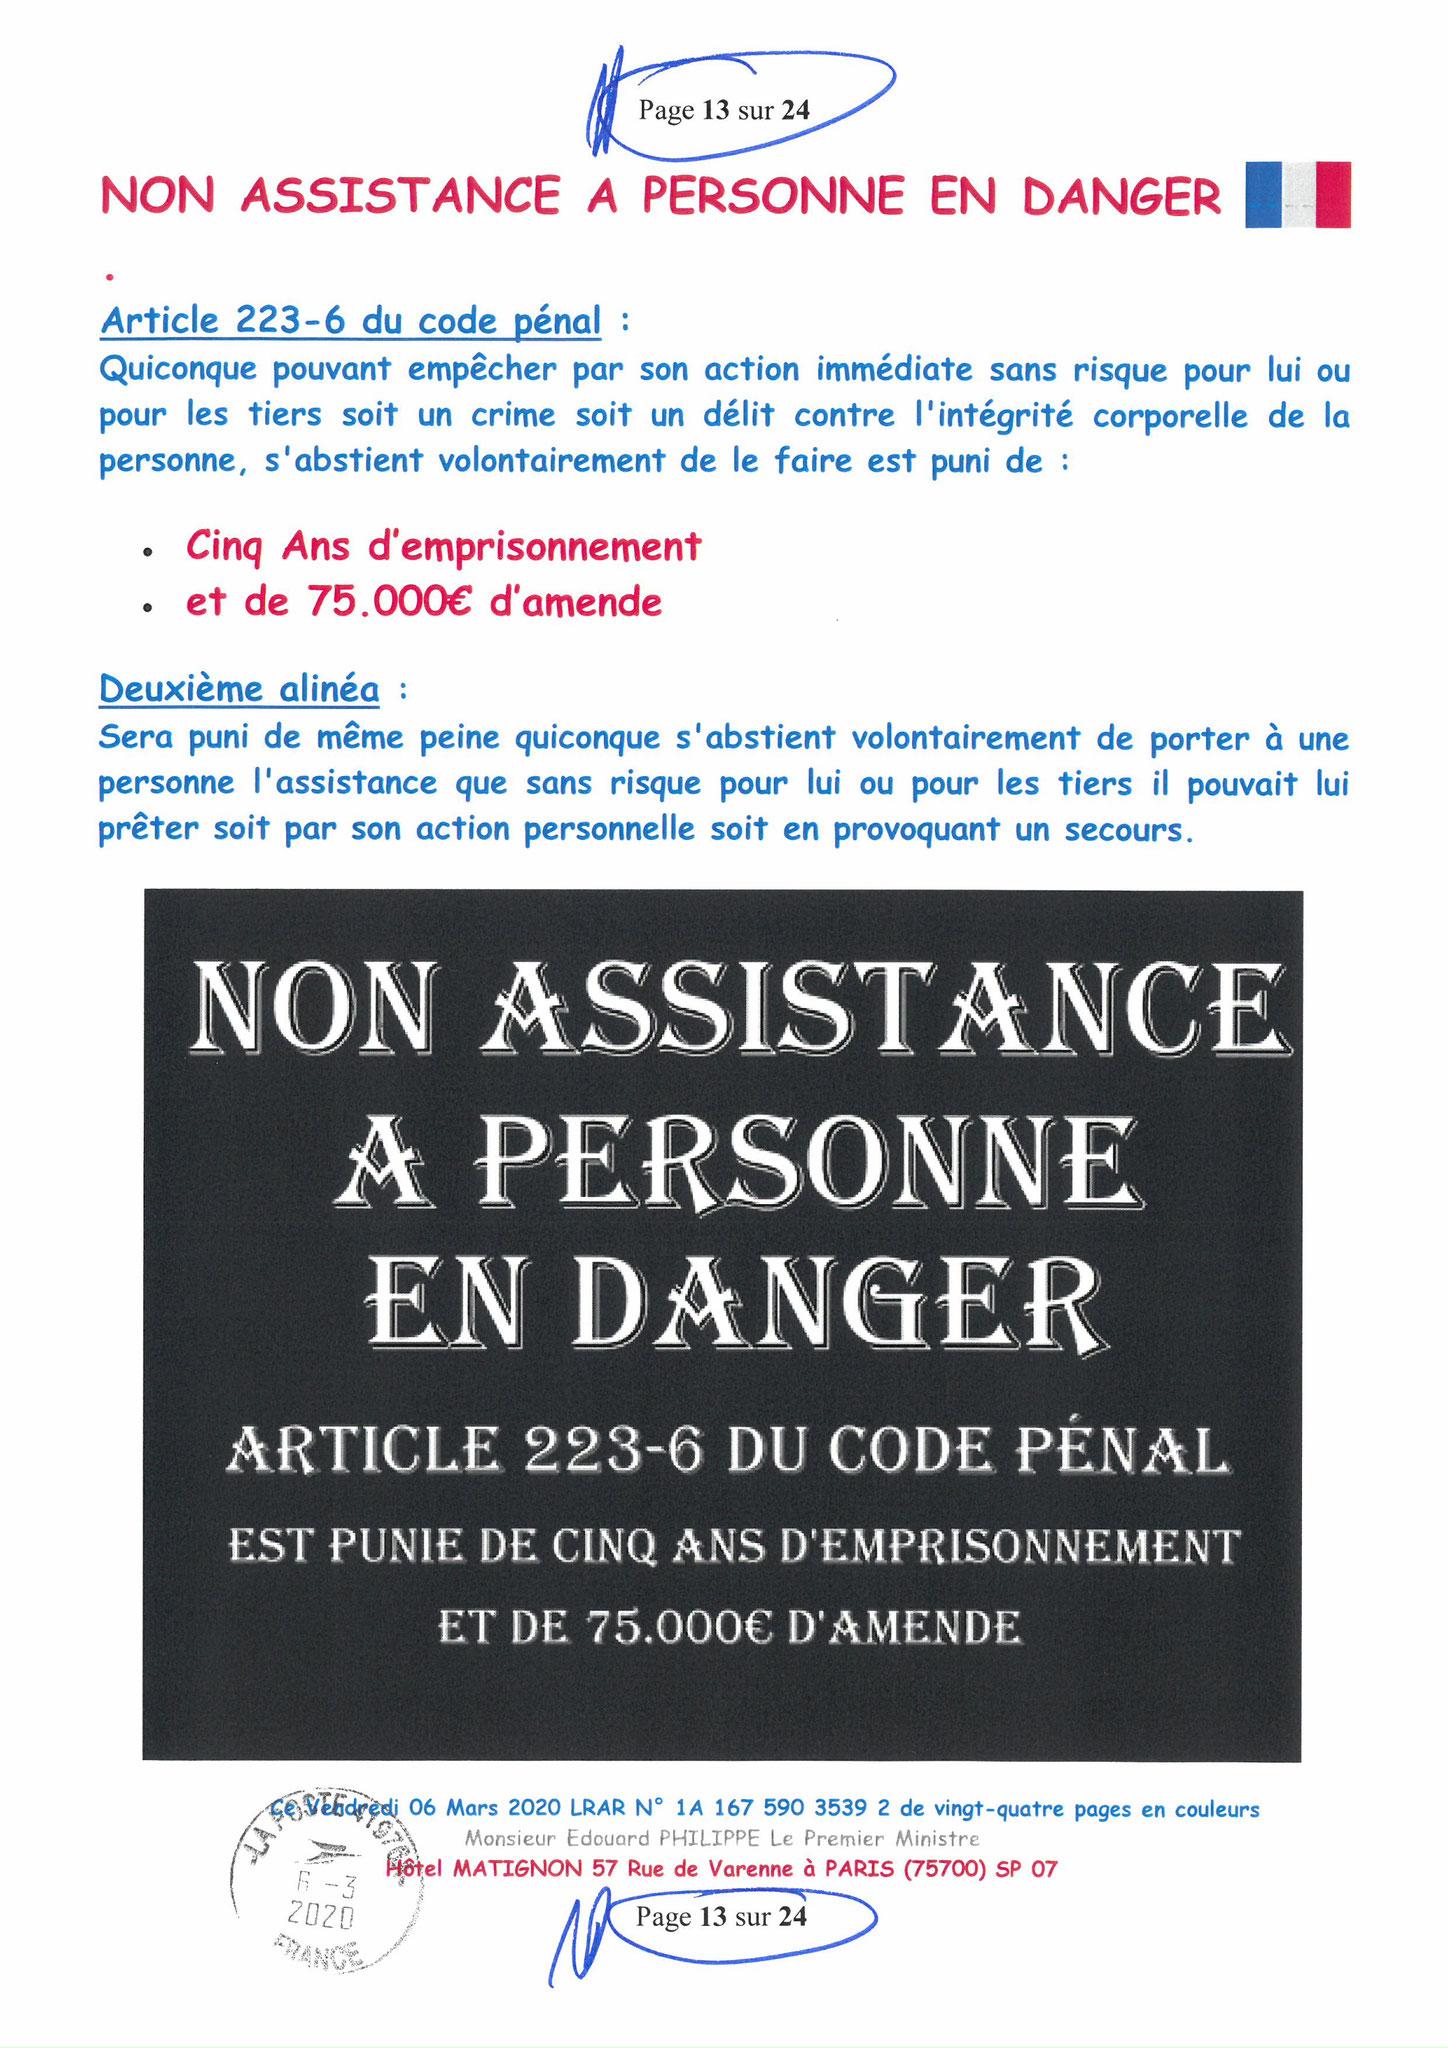 Ma LRAR à Monsieur le  Premier Ministre Edouard PHILIPPE N° 1A 167 590 3539 2 Page 13 sur 24 en Couleur du 06 Mars 2020  www.jesuispatrick.fr www.jesuisvictime.fr www.alerte-rouge-france.fr